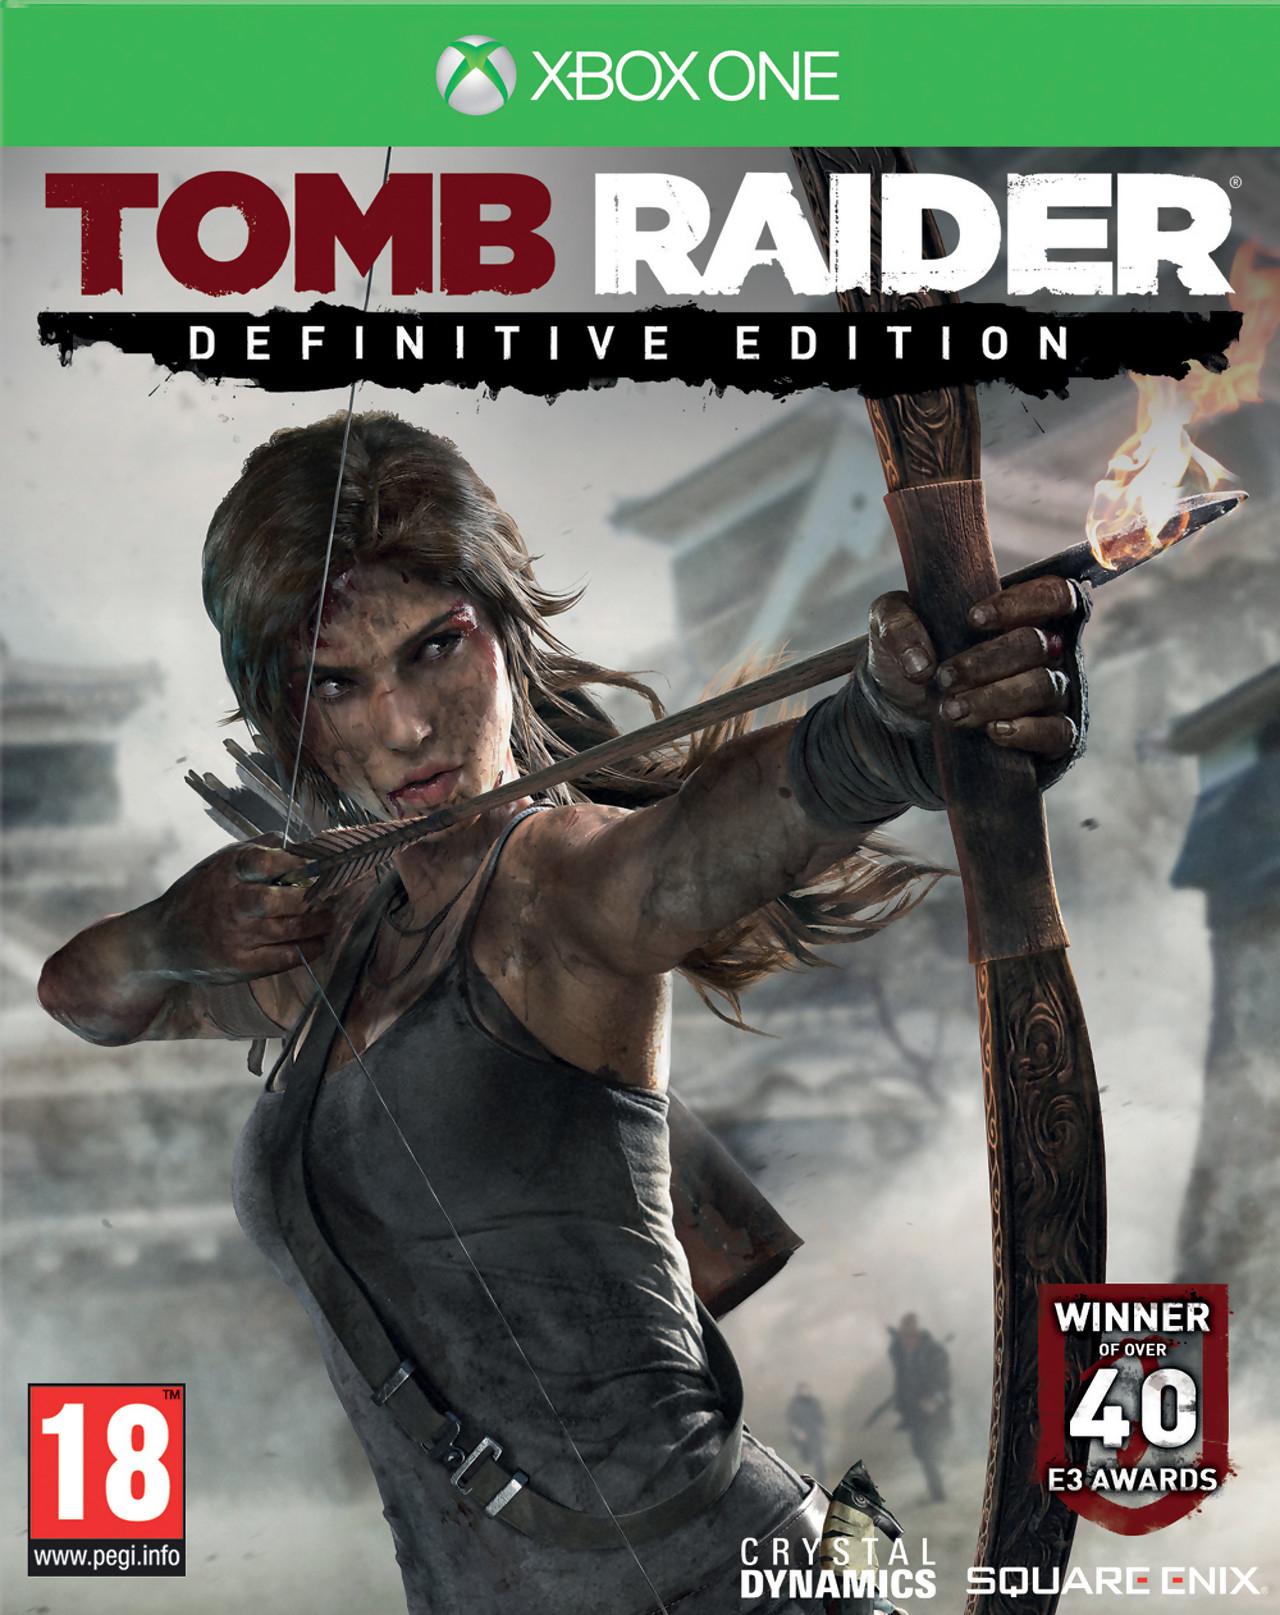 [Abonnés Gold] Tomb Raider Definitive Edition sur Xbox One (Dématérialisé)